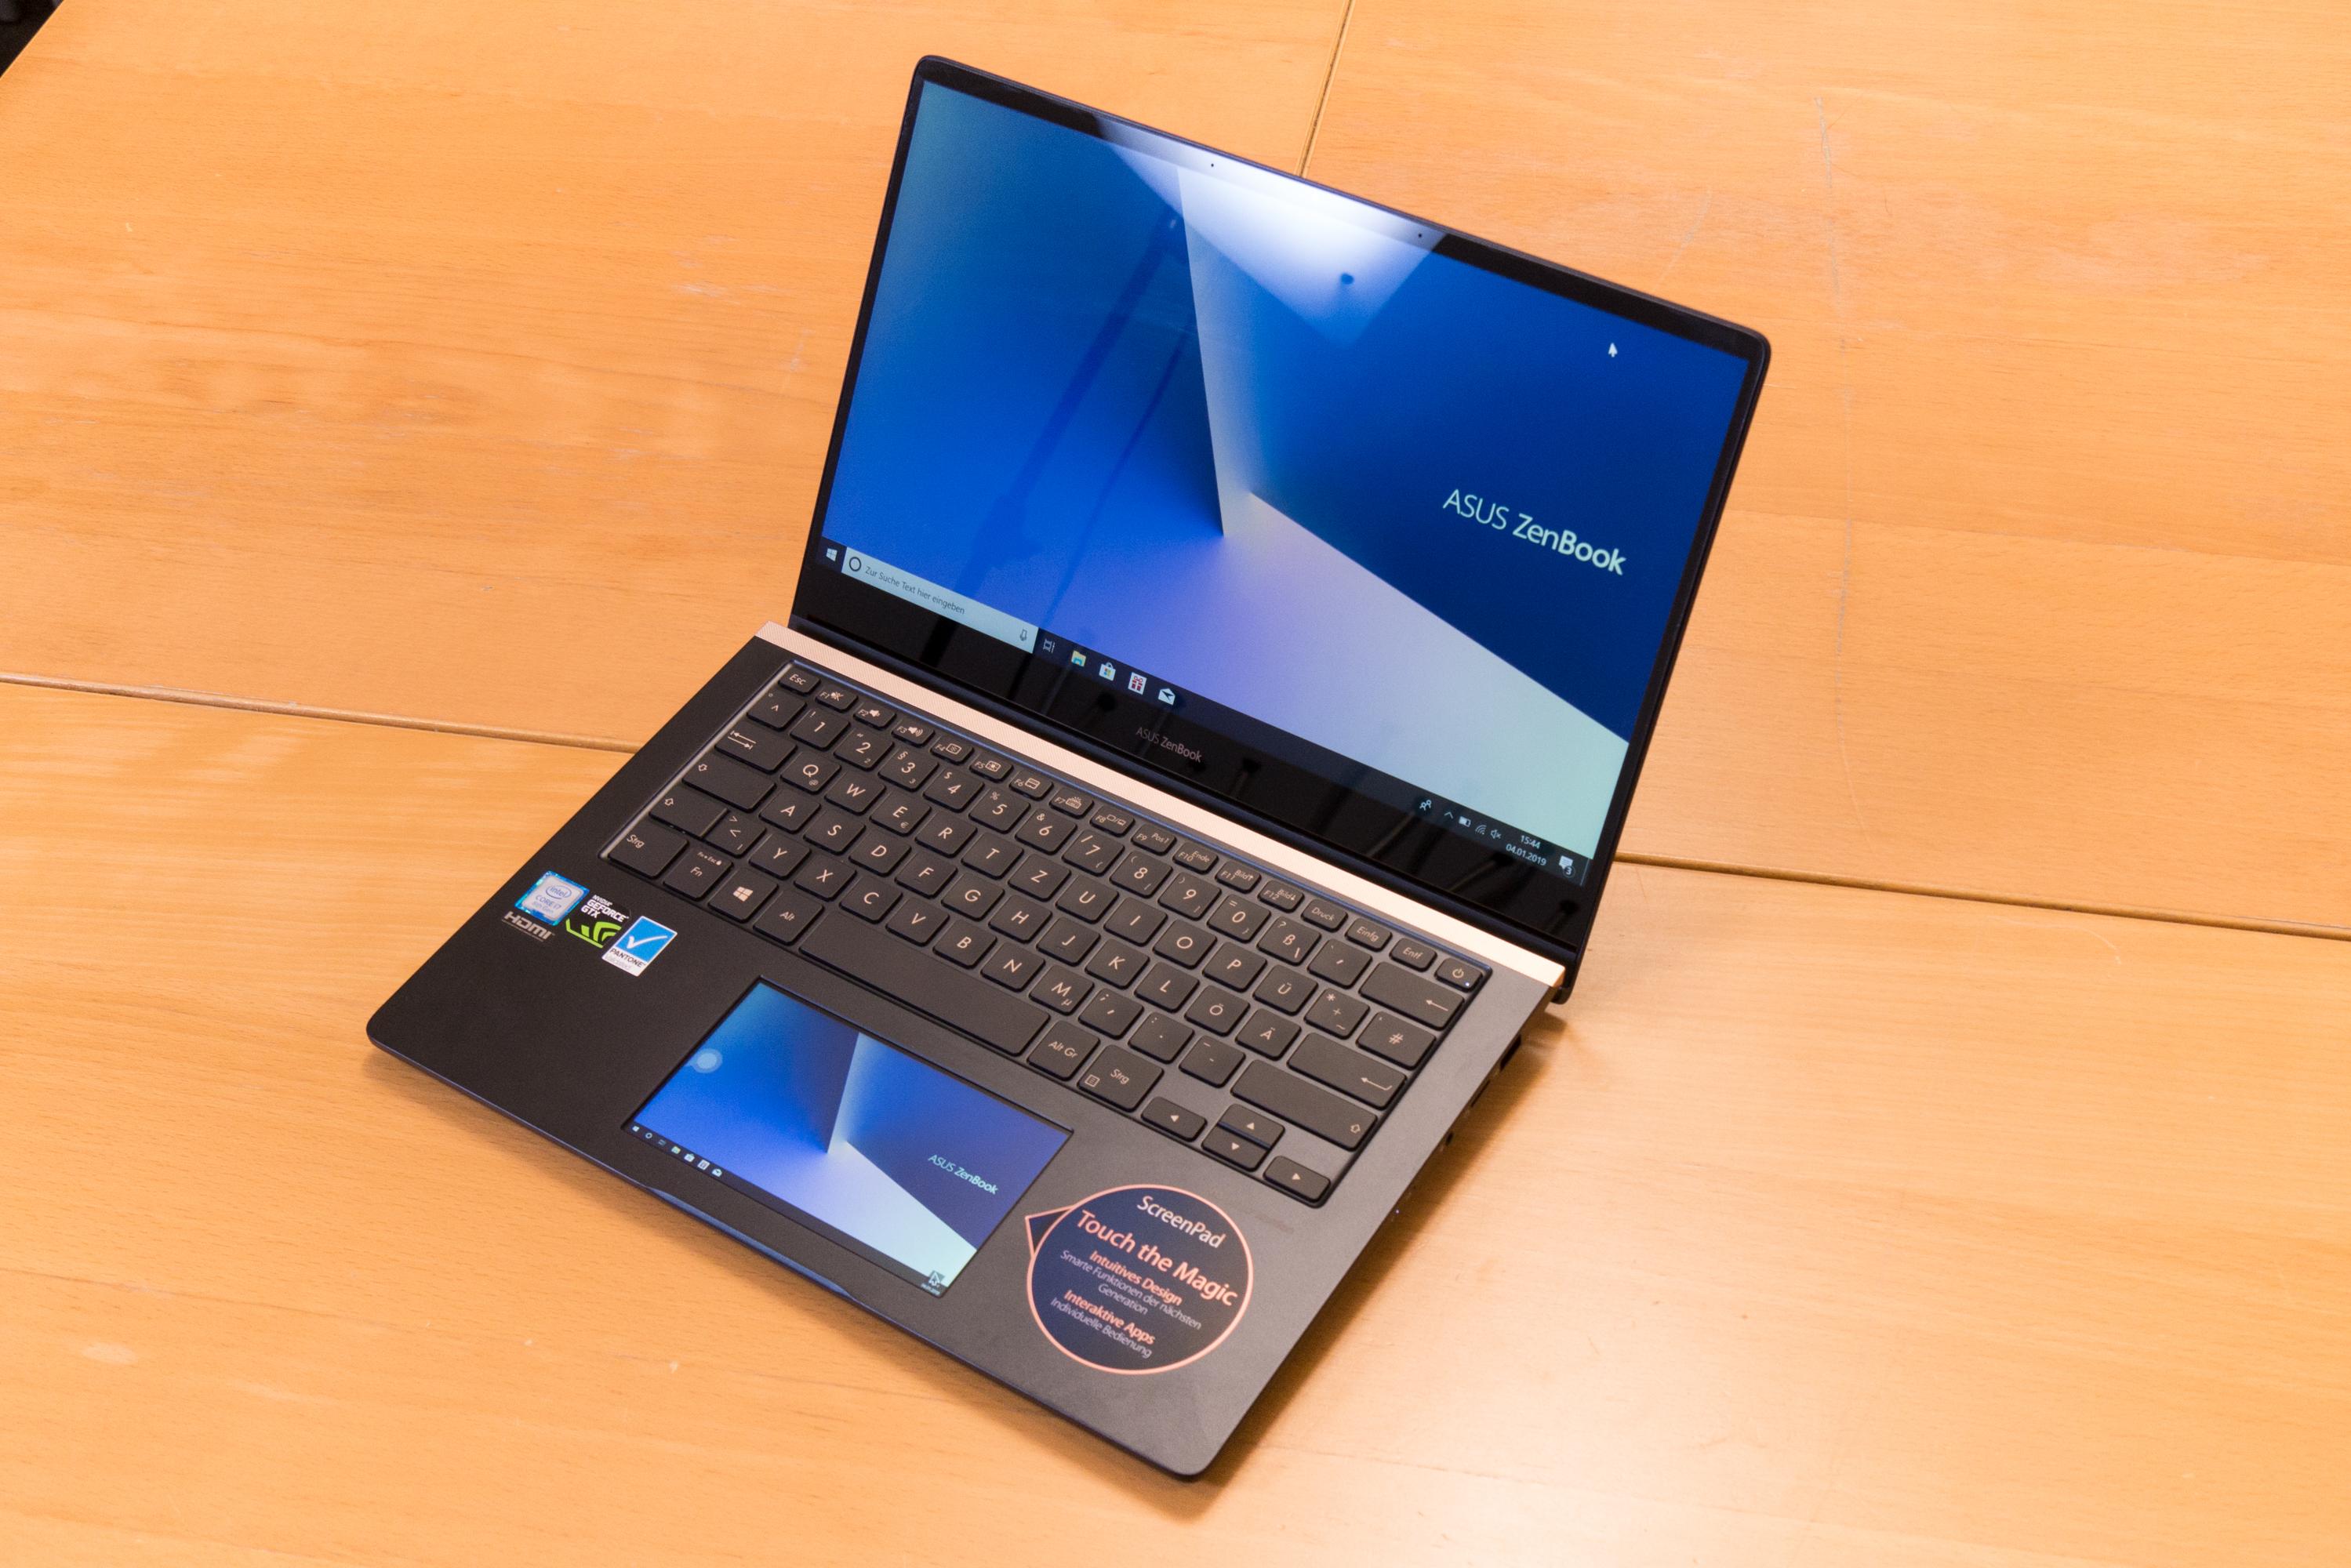 Asus Zenbook Pro 14 im Test: Das Display im Touchpad macht den Unterschied - Asus Zenbook Pro 14 (Bild: Oliver Nickel/Golem.de)